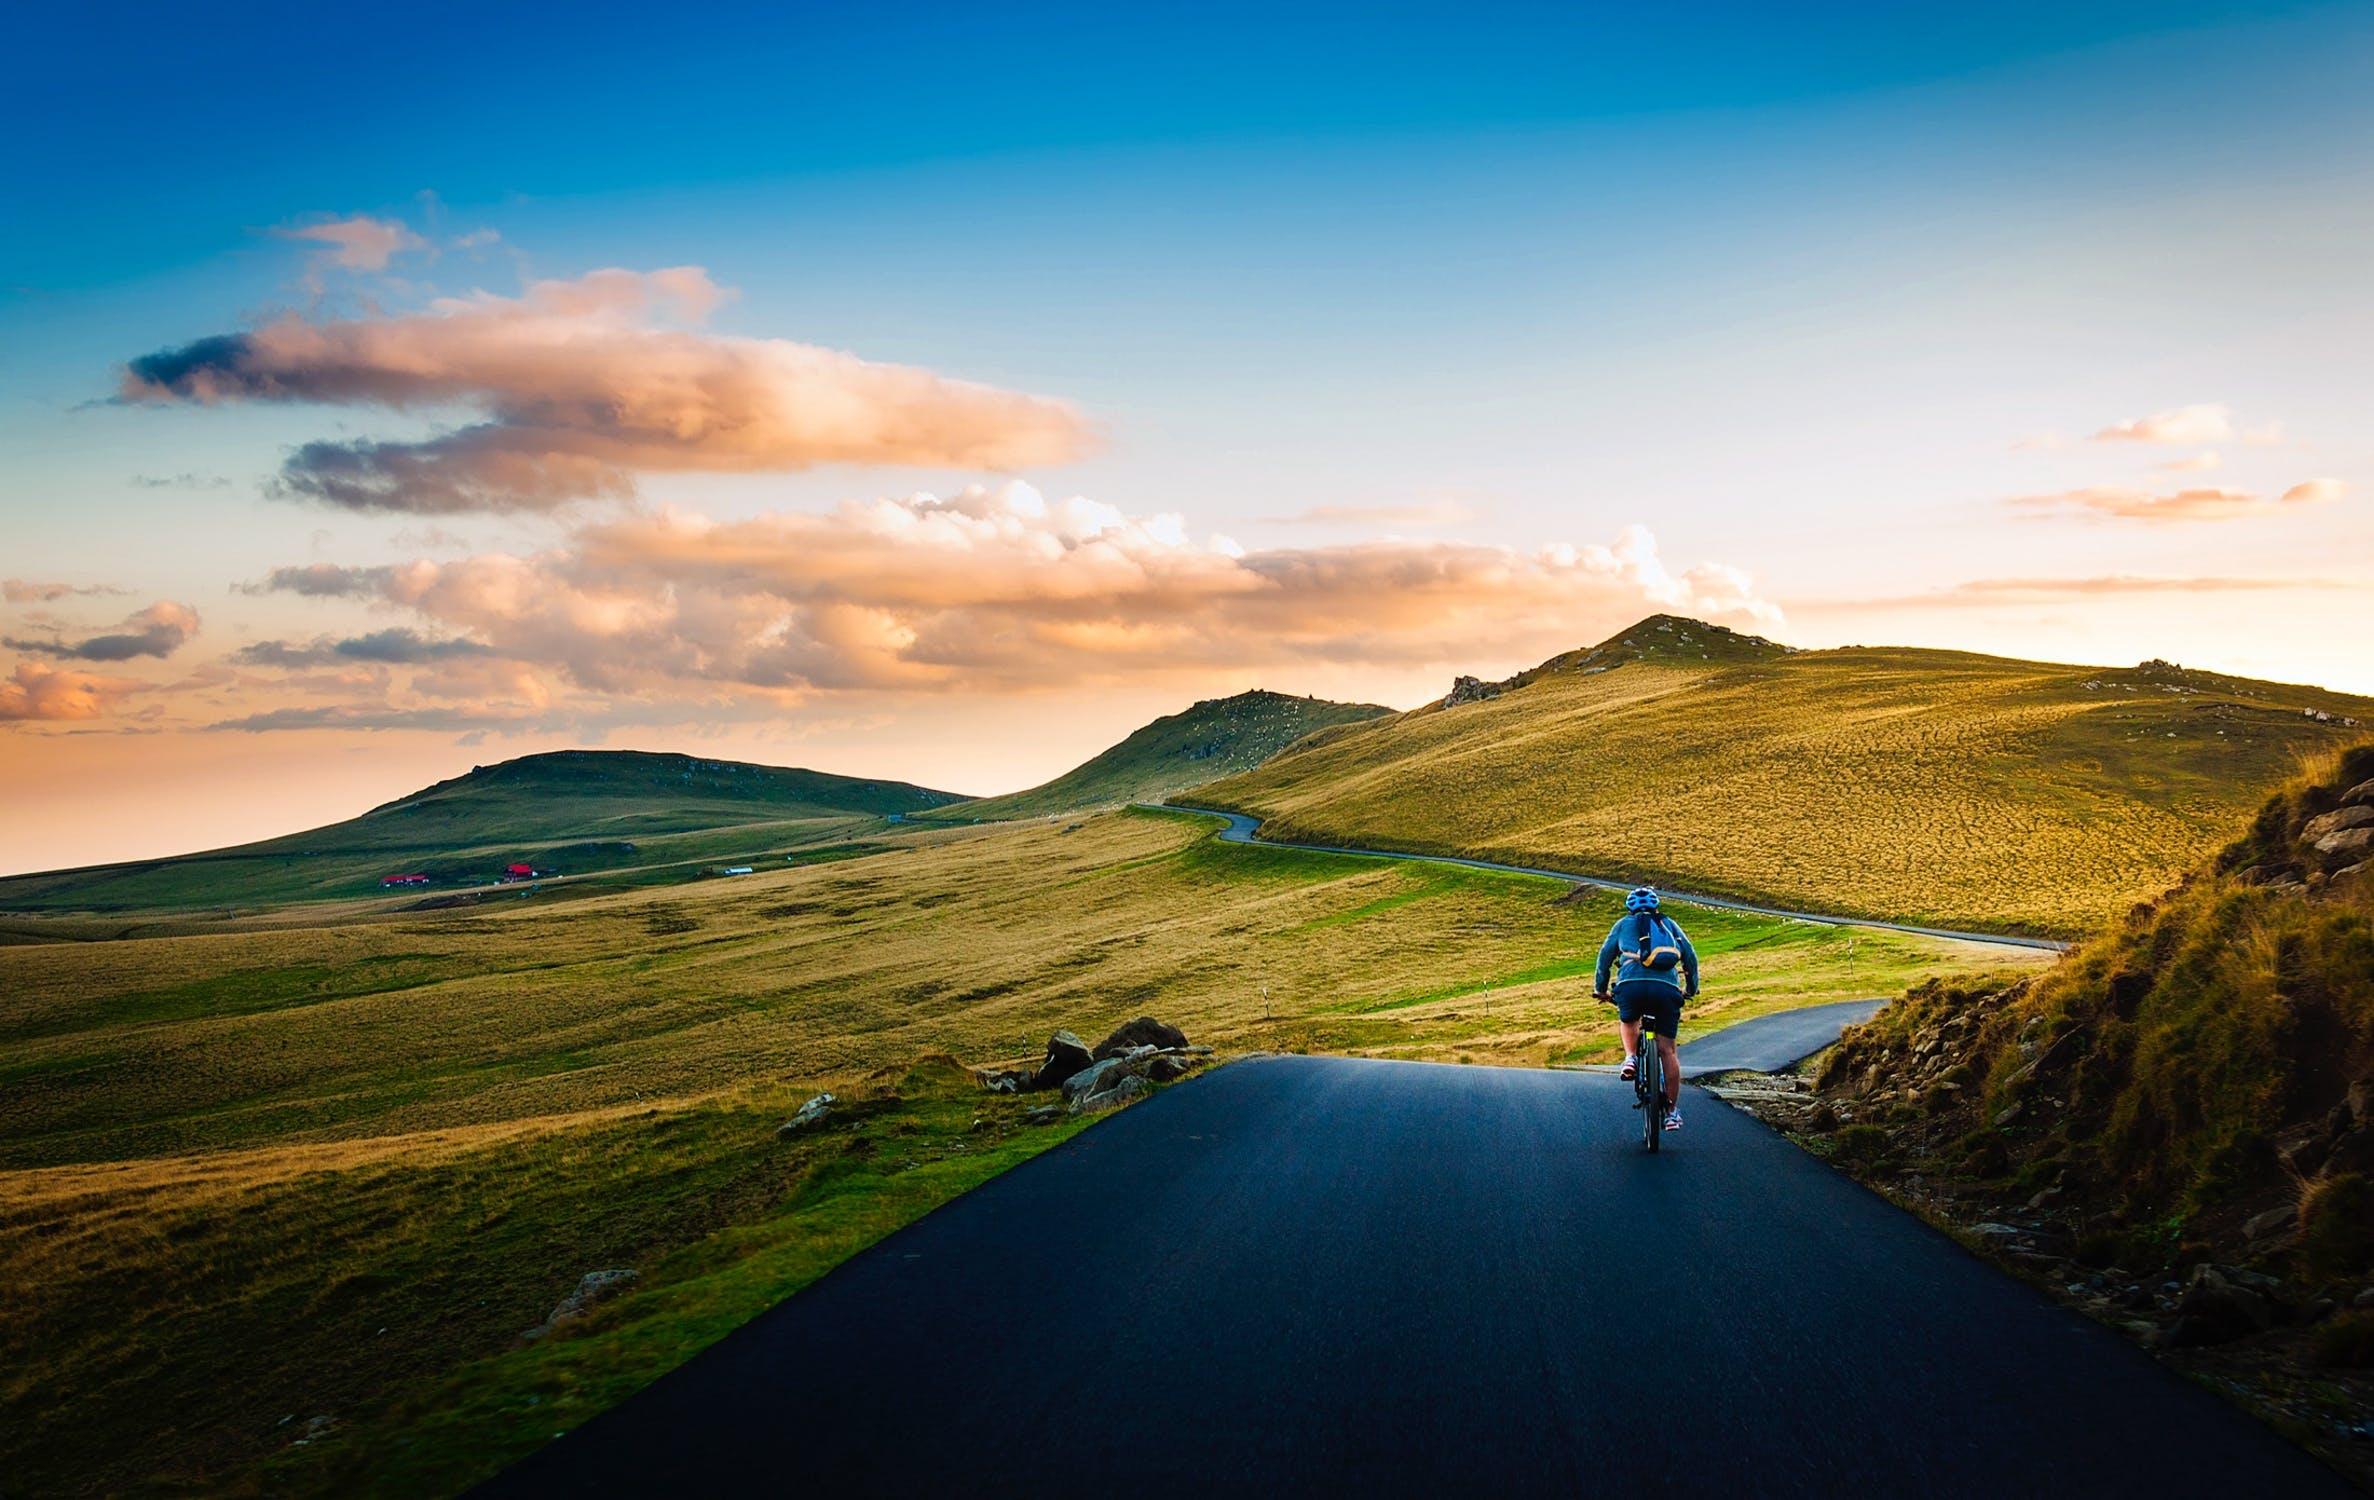 Ciclism - Top 5 beneficii pentru sanatate